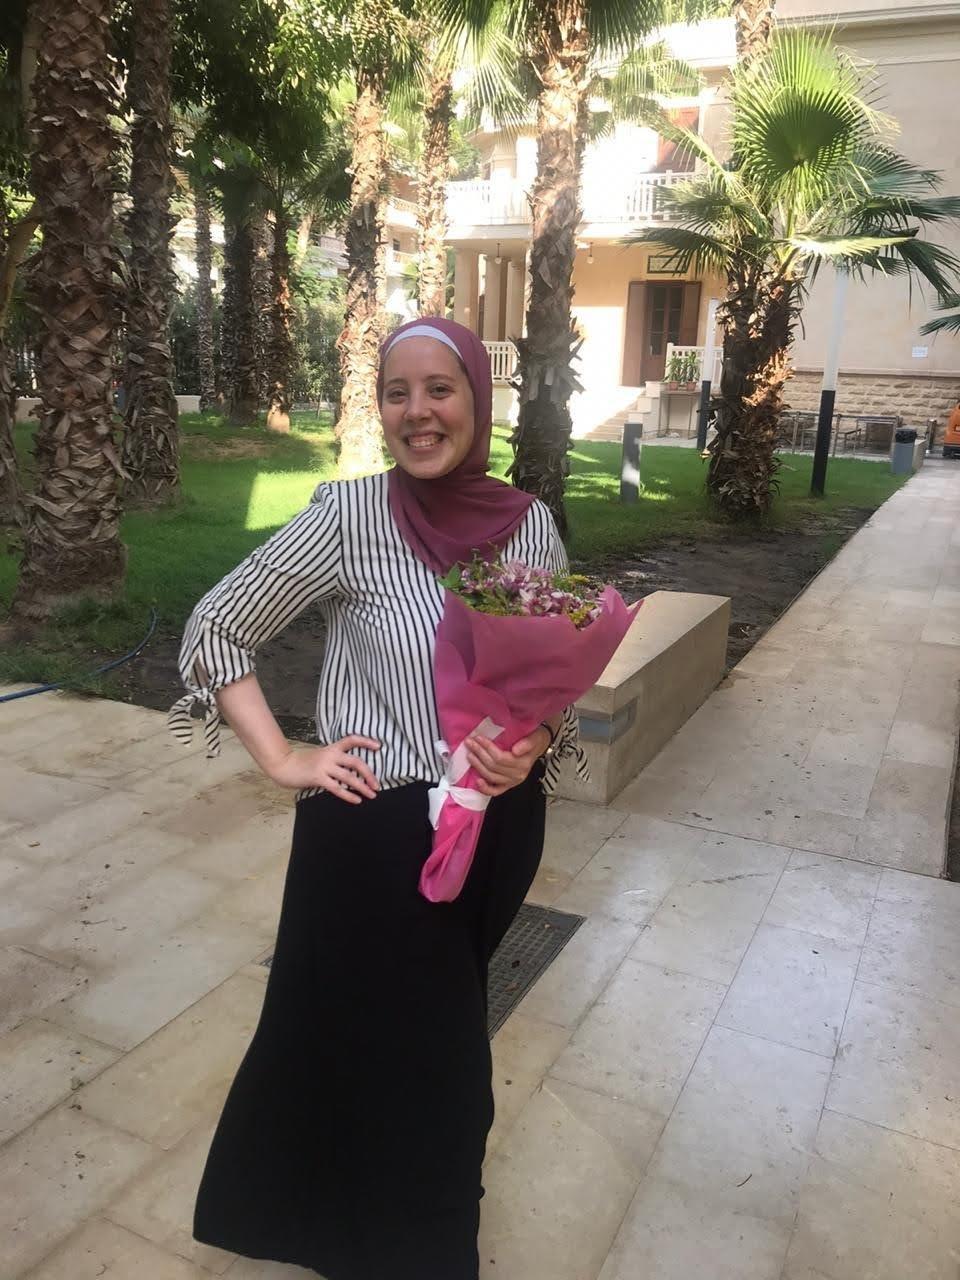 Bild von Alaa Mustafa mit Blumenstrauß in der Hand